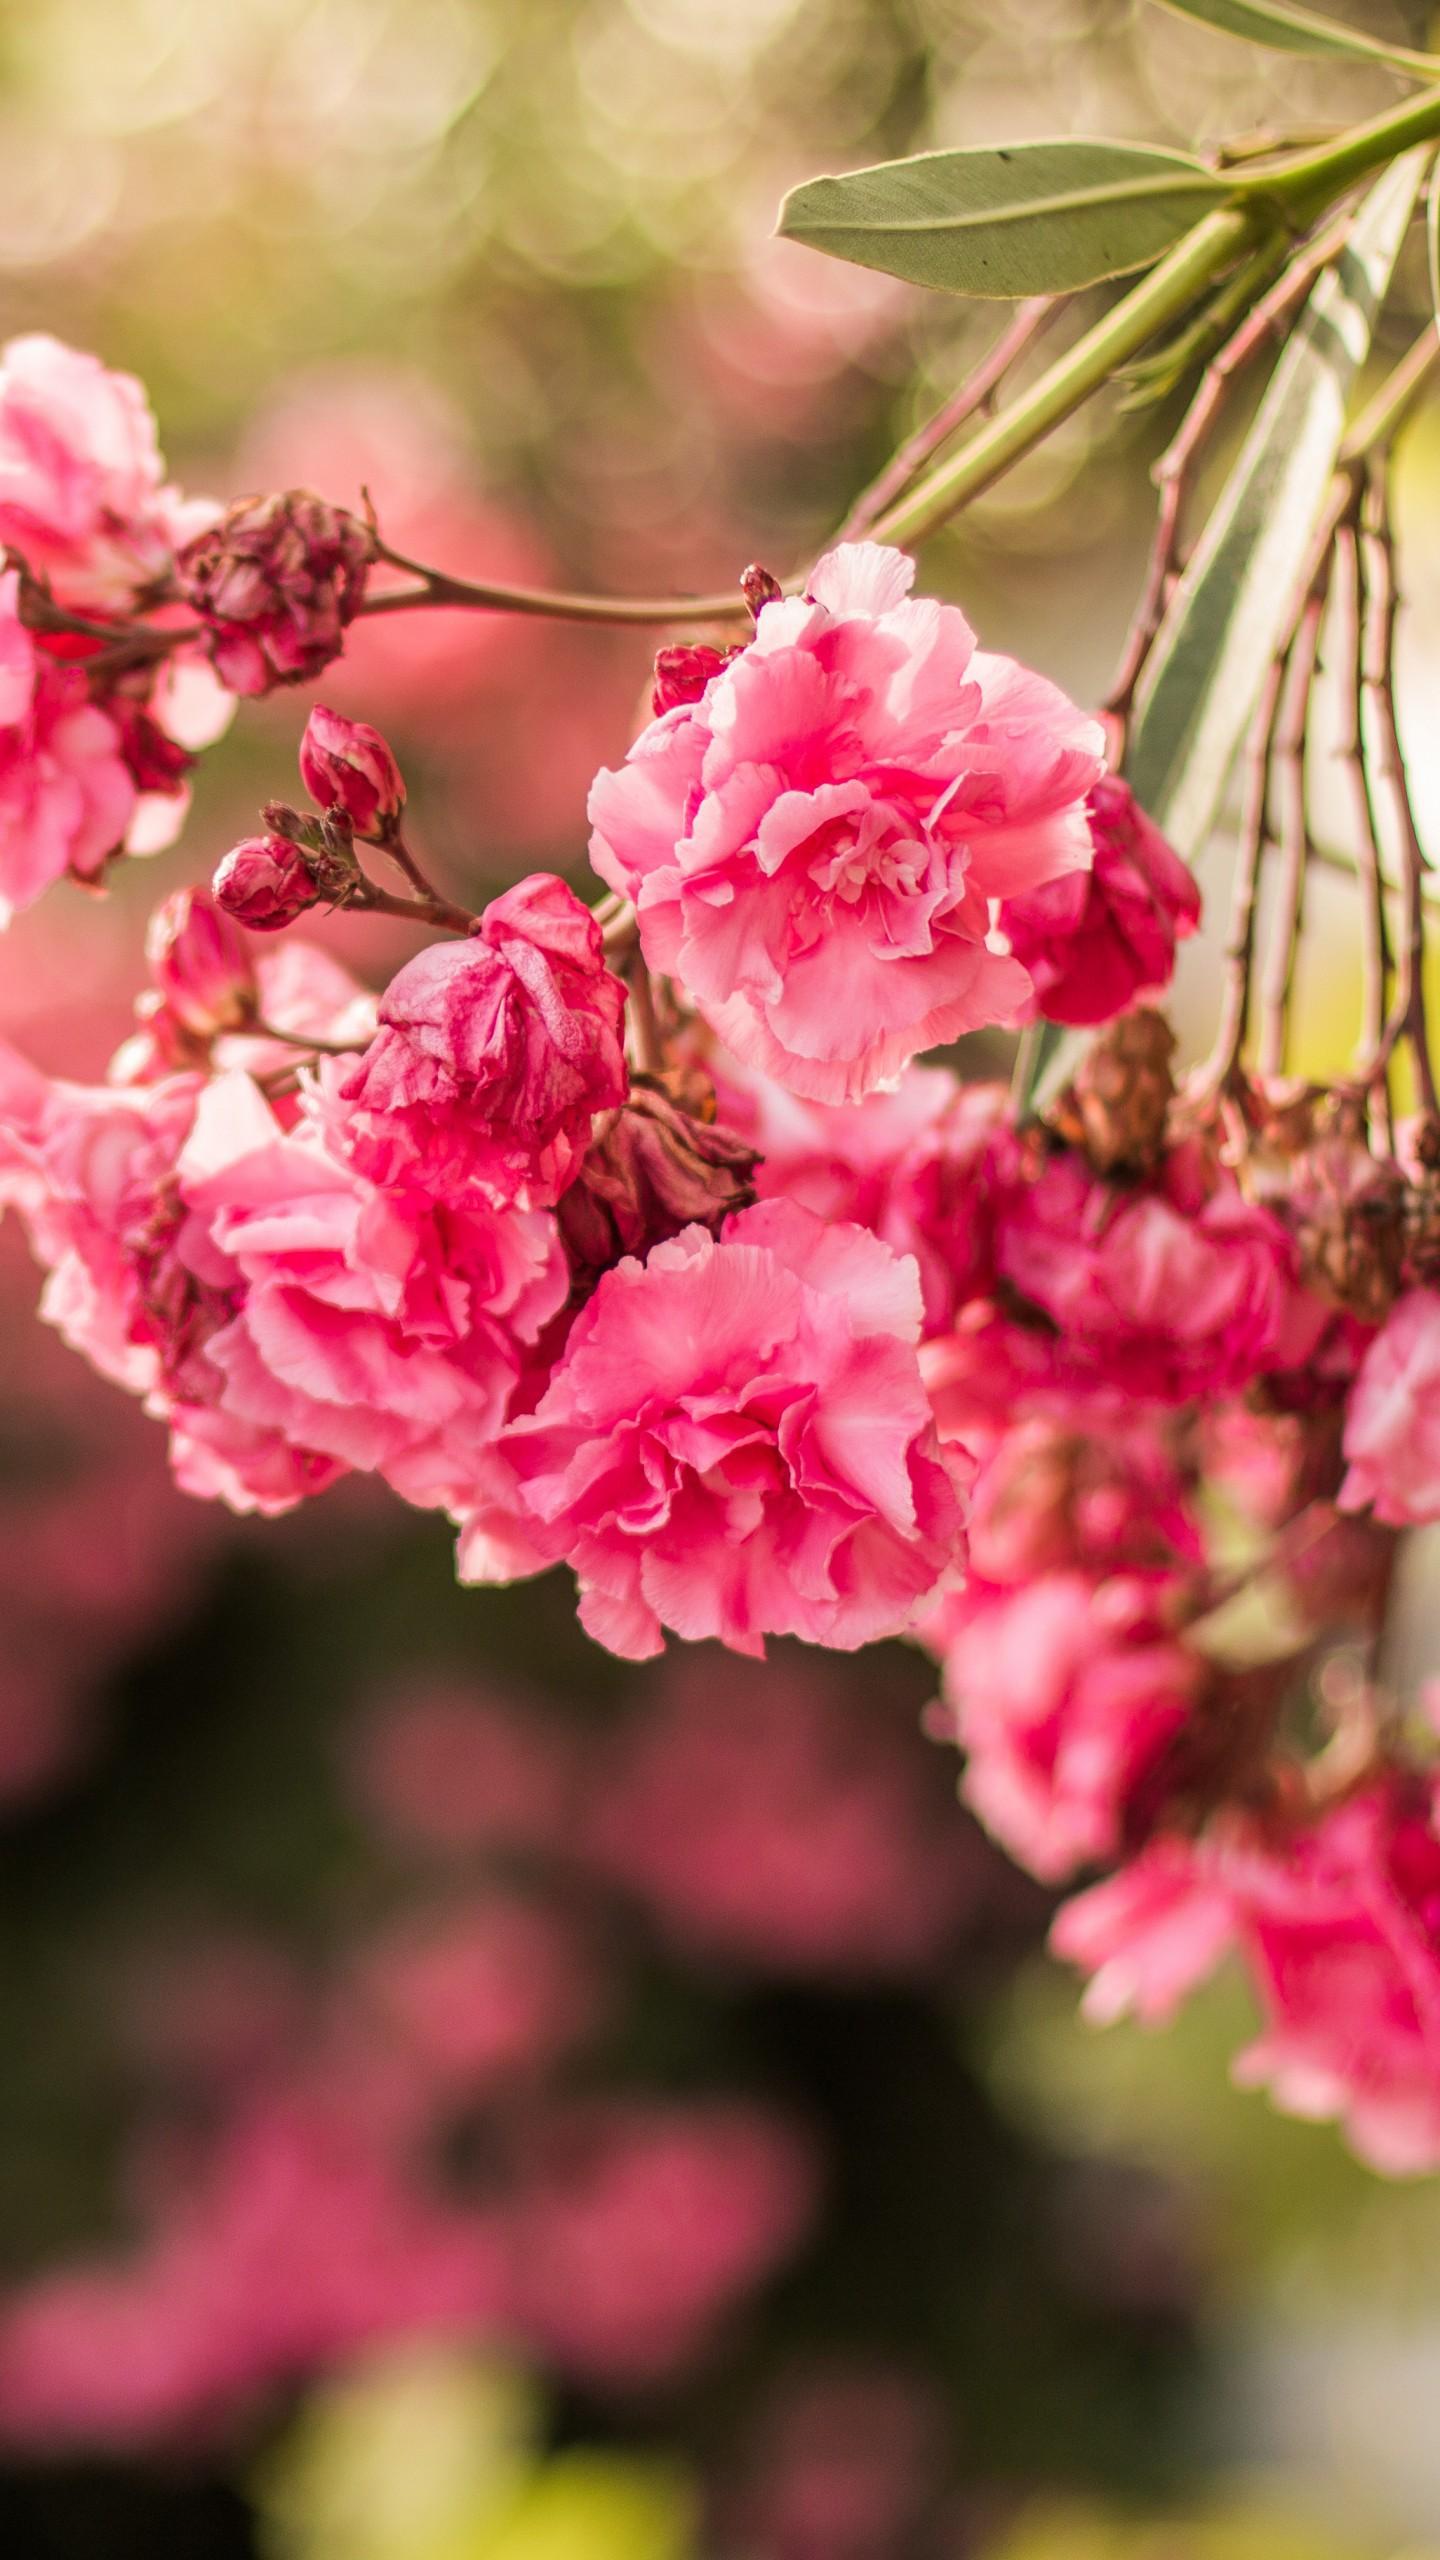 عکس زمینه گلهای صورتی فلورا زیبا پس زمینه